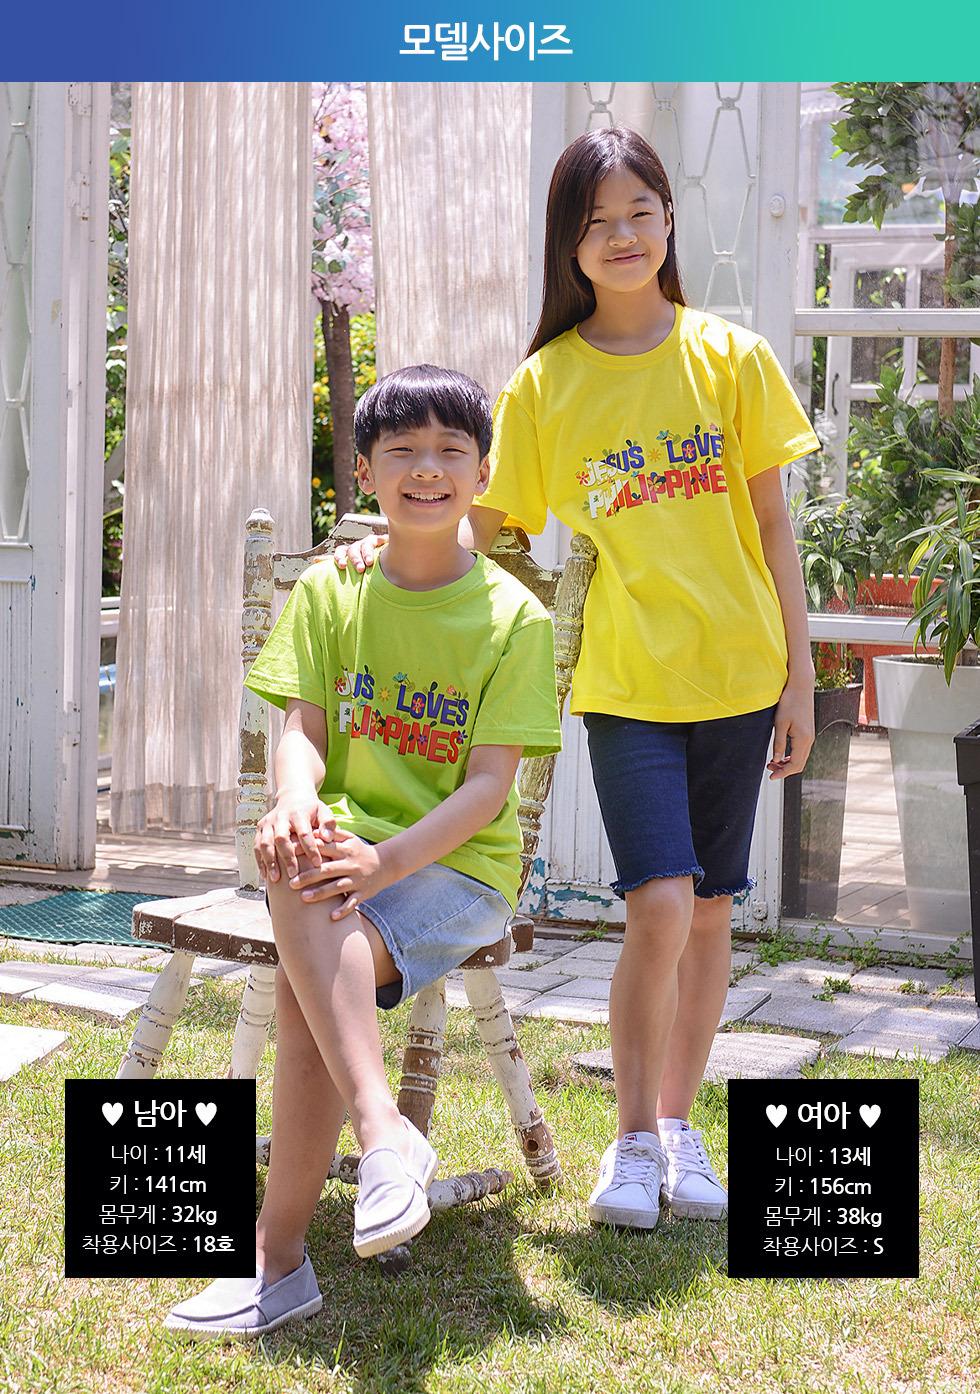 교회 단체티셔츠 필리핀 선교티 (Jesus loves Philippines) - 미션트립 단체티셔츠 아동티셔츠(필리핀선교)